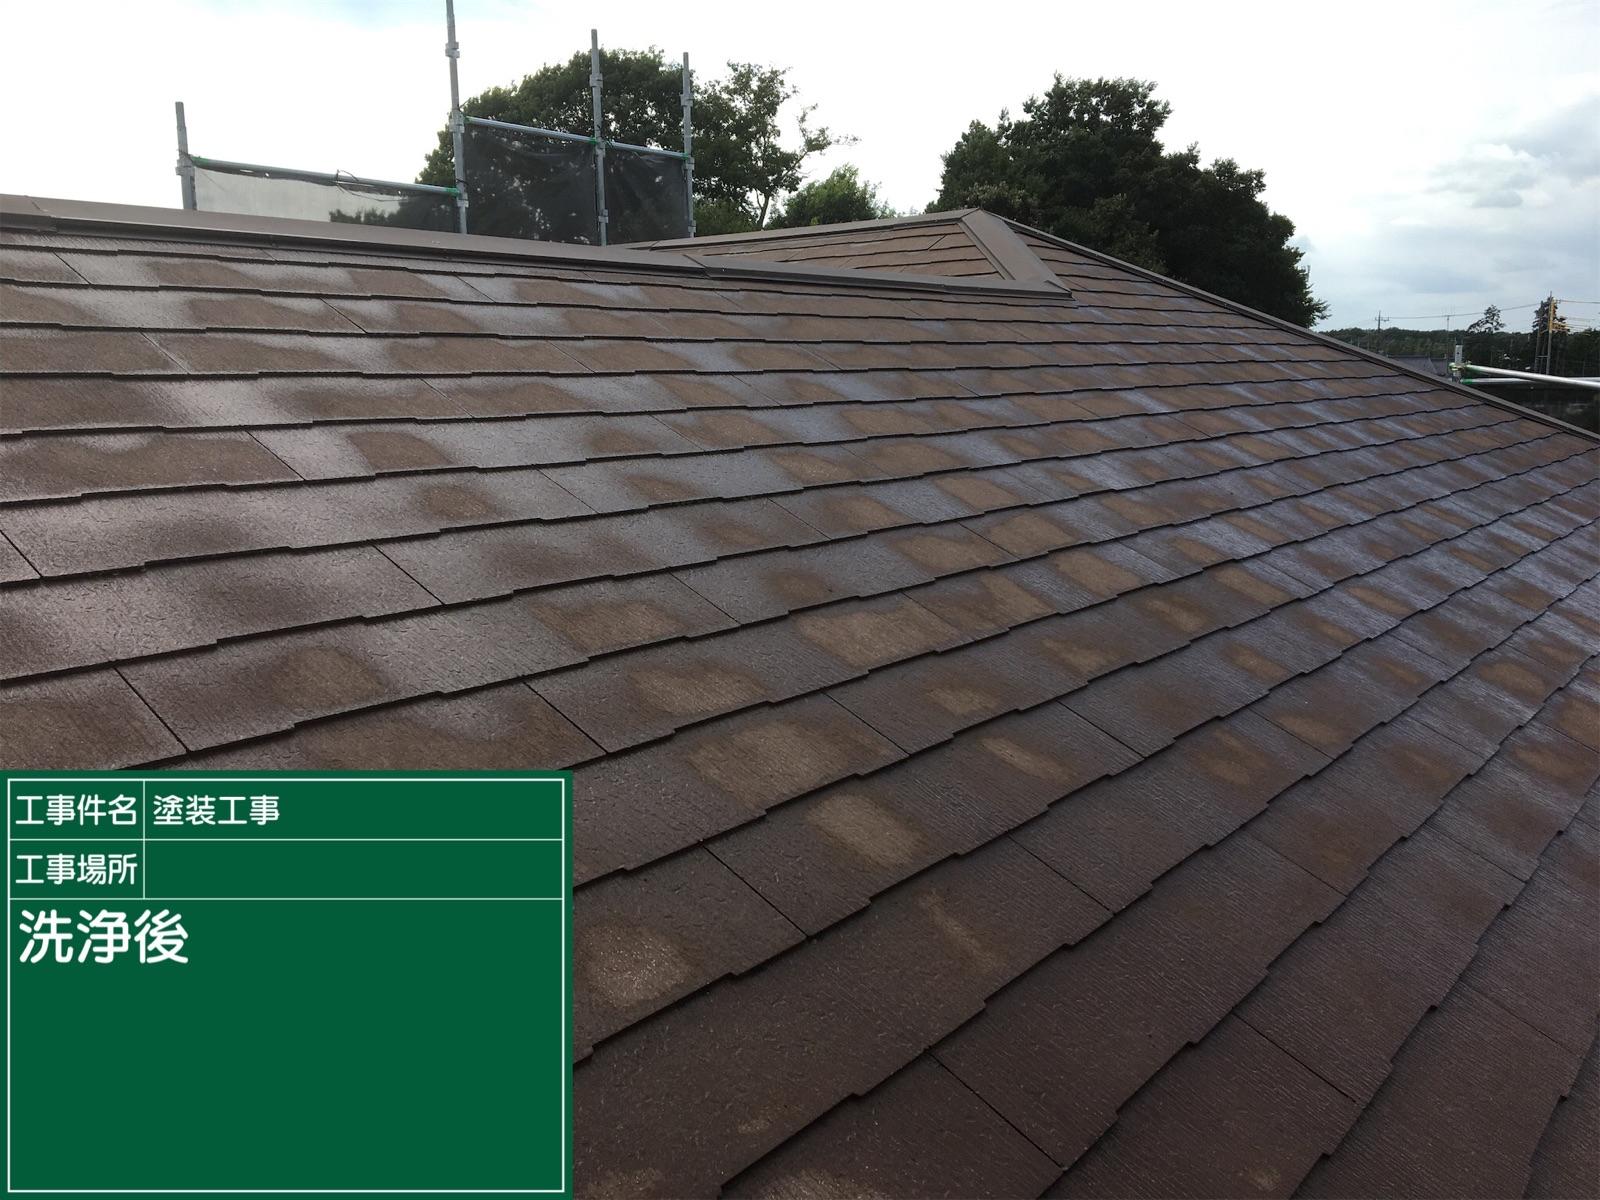 高圧洗浄後屋根(2)300016